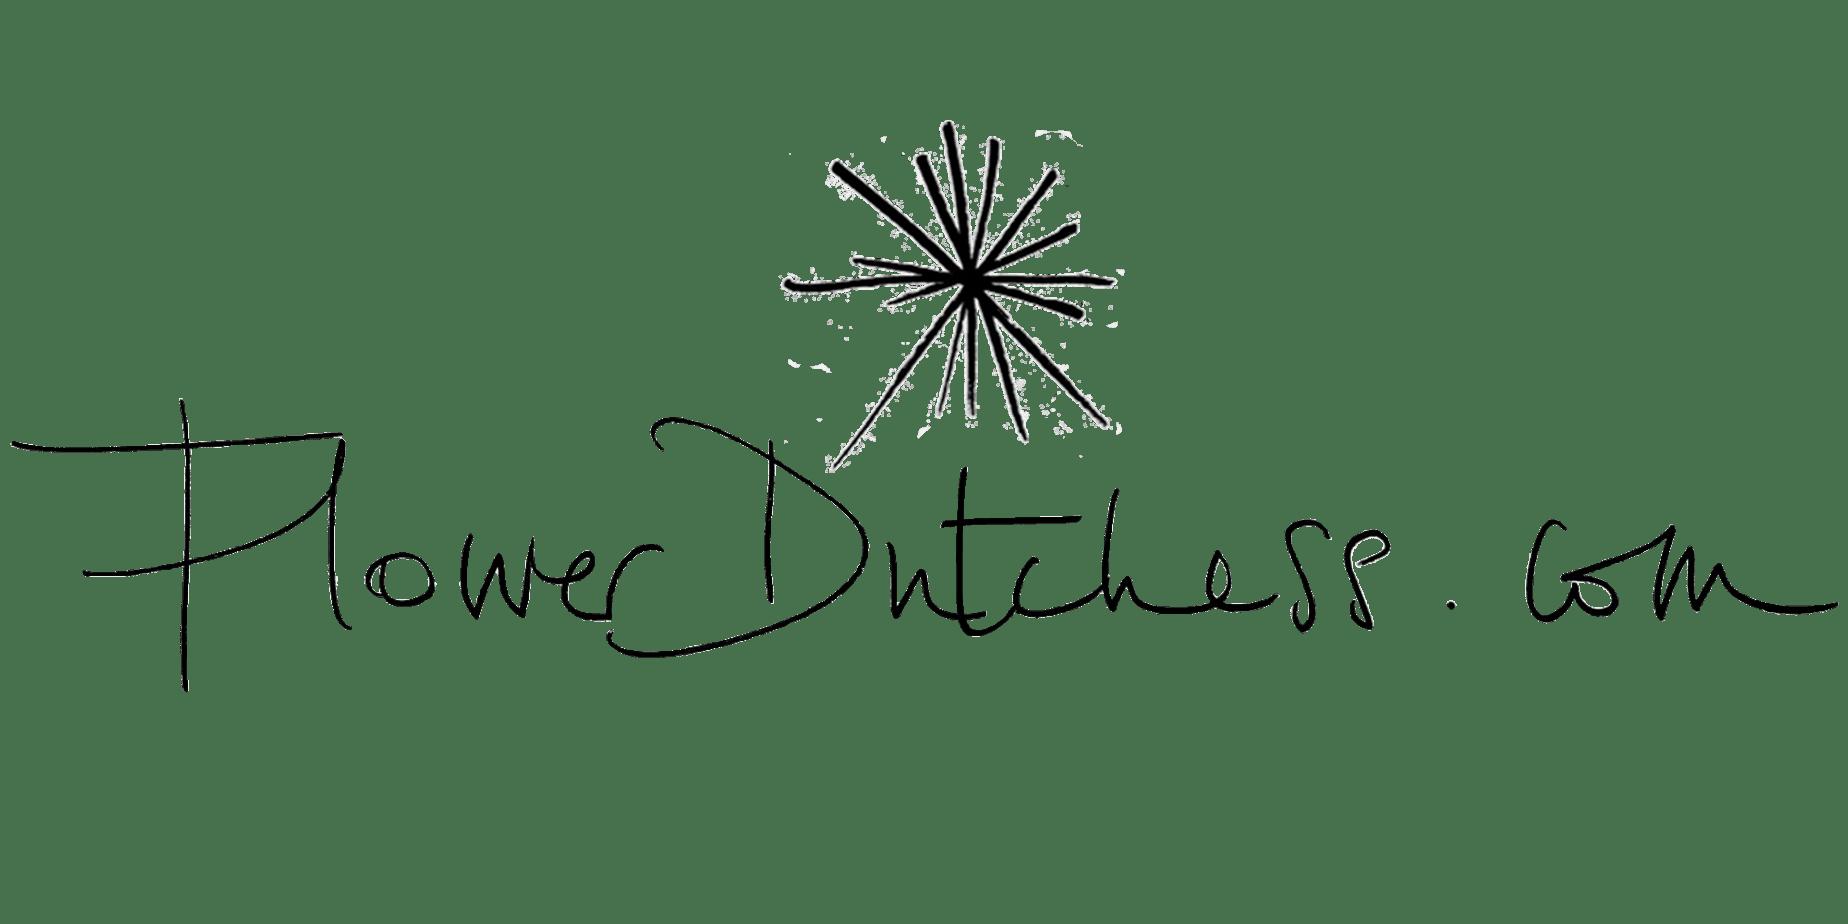 FlowerDutchess.com